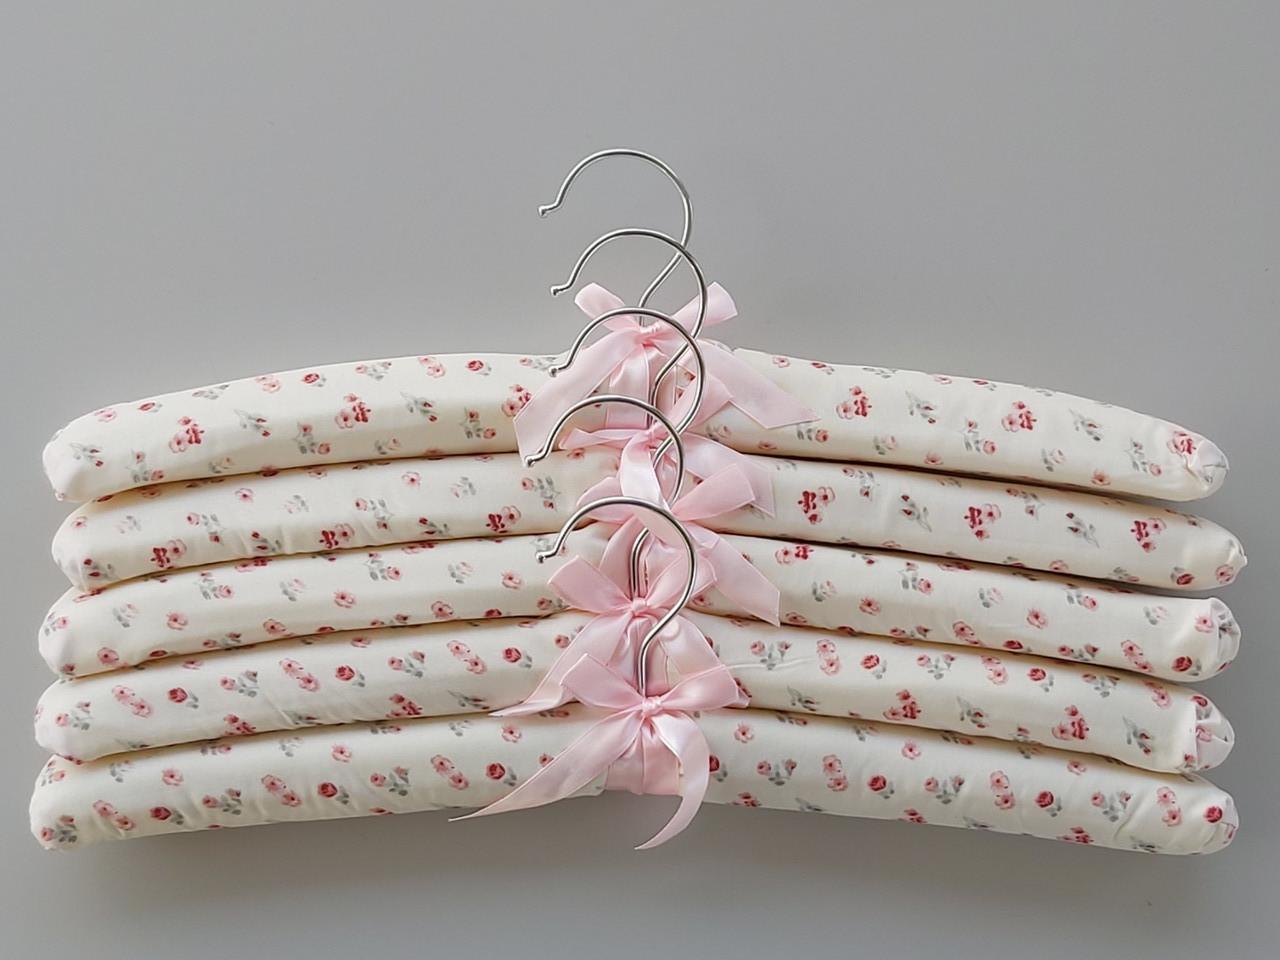 Плічка вішалки тремпеля м'які тканинні для делікатних речей квітчасті, довжина 38 см,в упаковці 5 штук